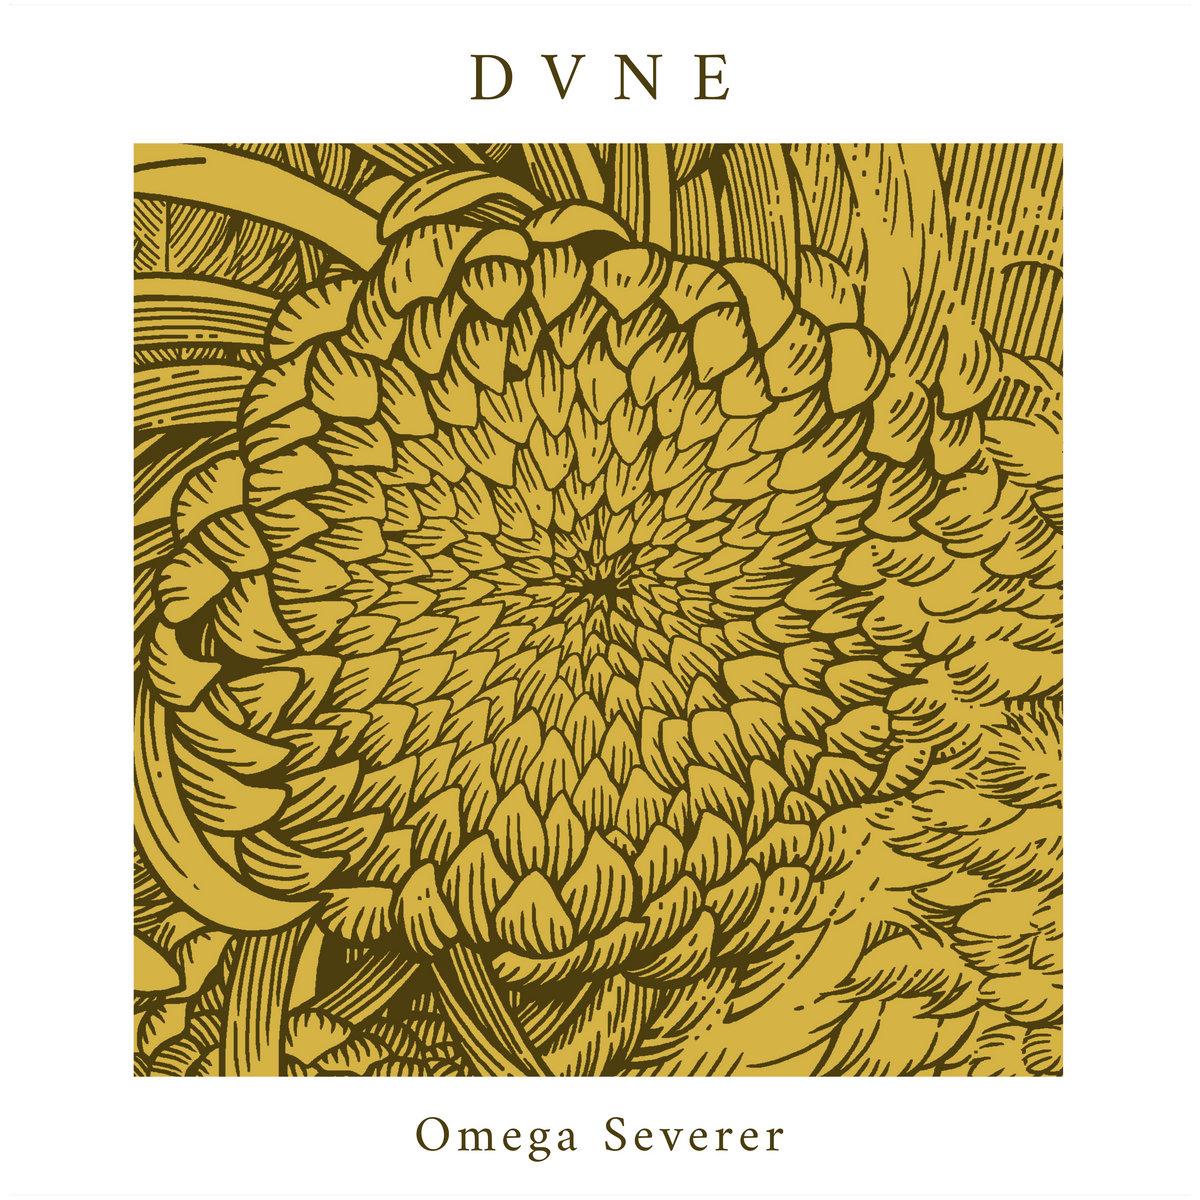 Omega Severer DVNE cover artwork